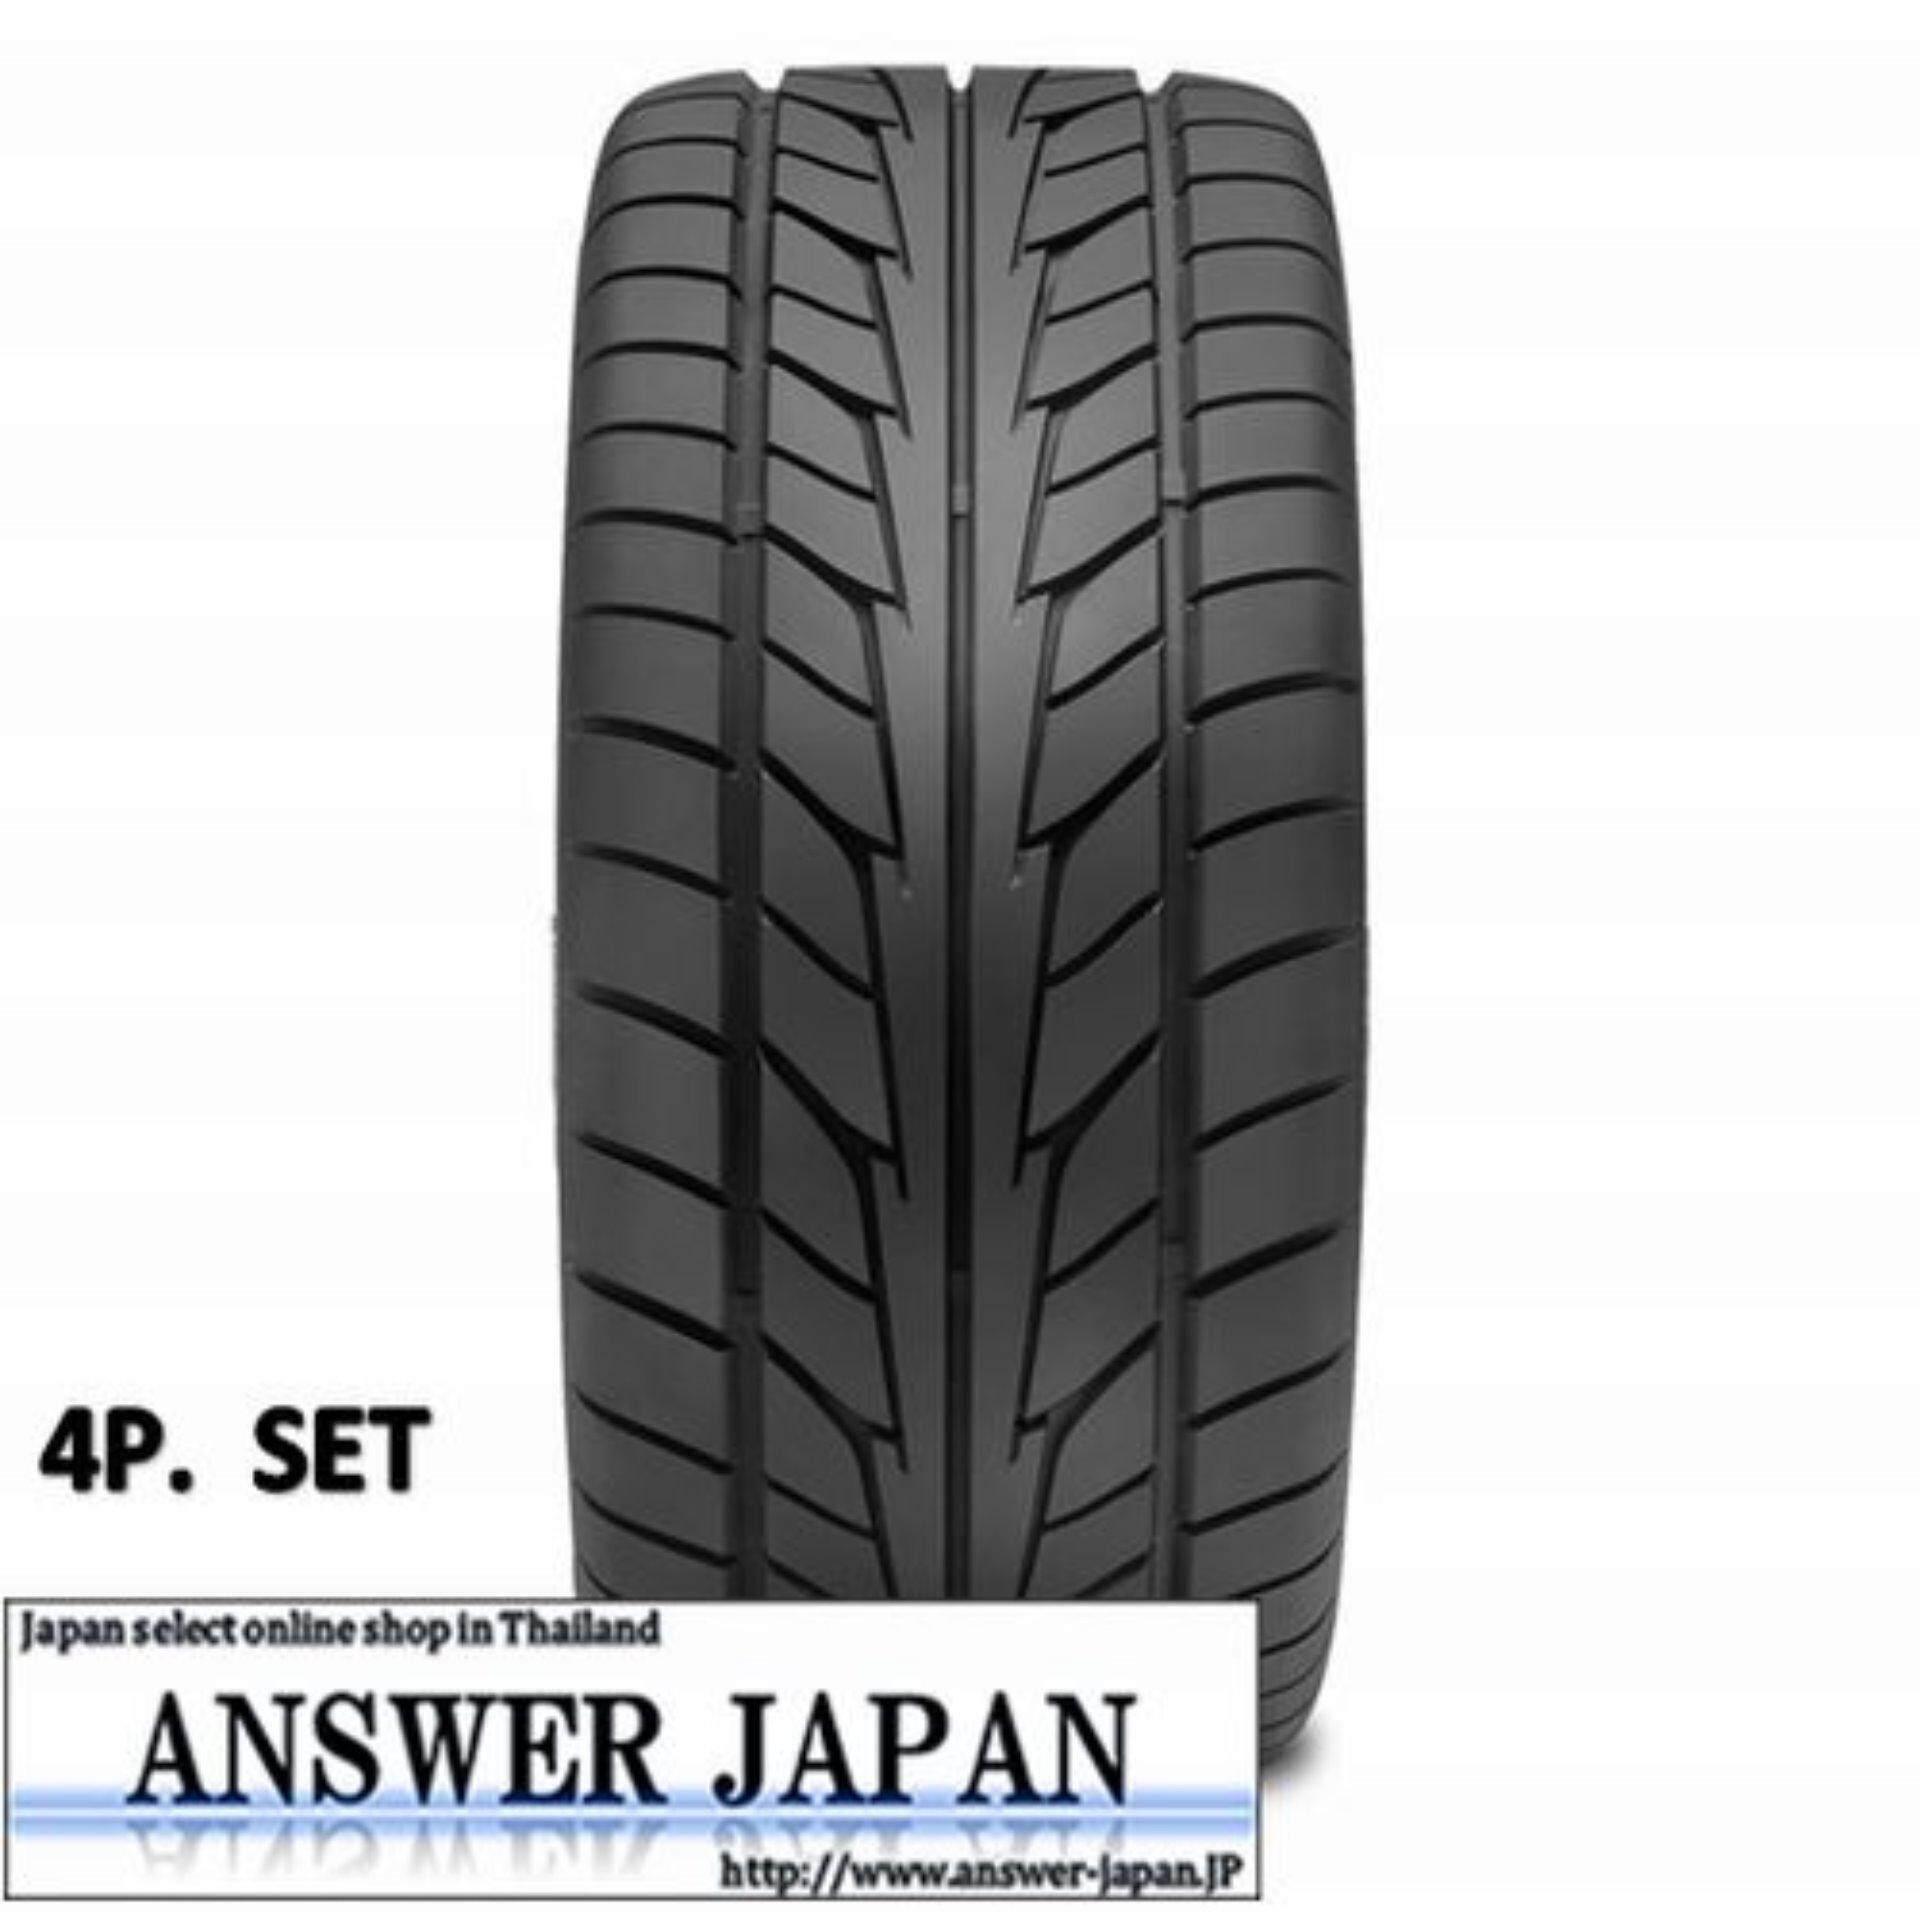 ประกันภัย รถยนต์ ชั้น 3 ราคา ถูก เพชรบุรี ยาง NITTO NT555 245/35 R20 (ANSWER-JAPAN)